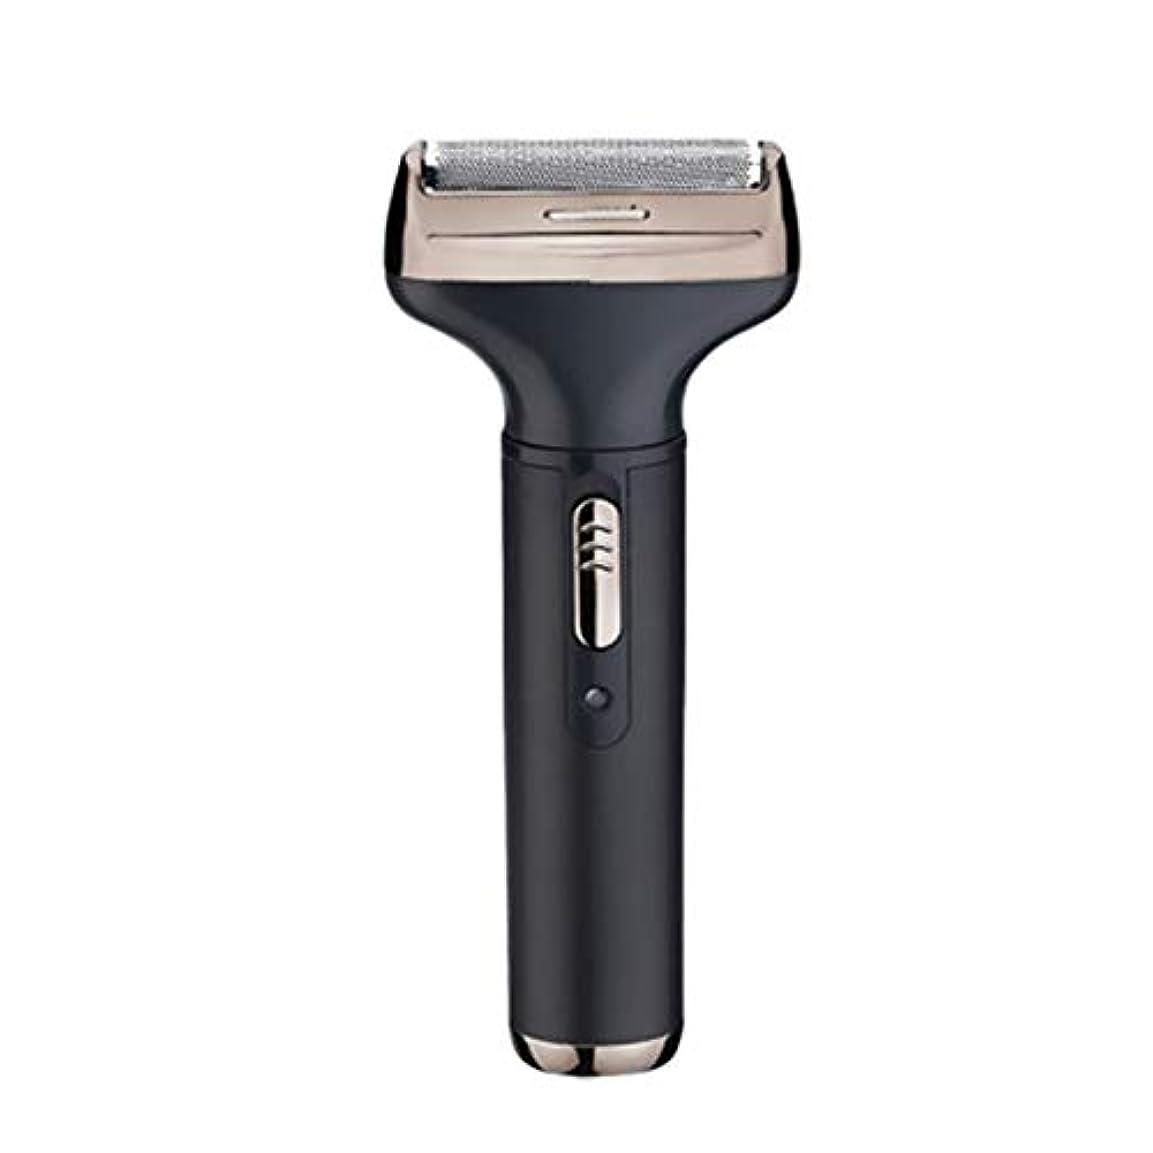 行き当たりばったり一目ガチョウ電動鼻毛トリマーのワンボタンデザインは、使いやすく快適で使いやすい独自の切断システムにより、鼻から余分な髪を効果的かつ快適に除去します